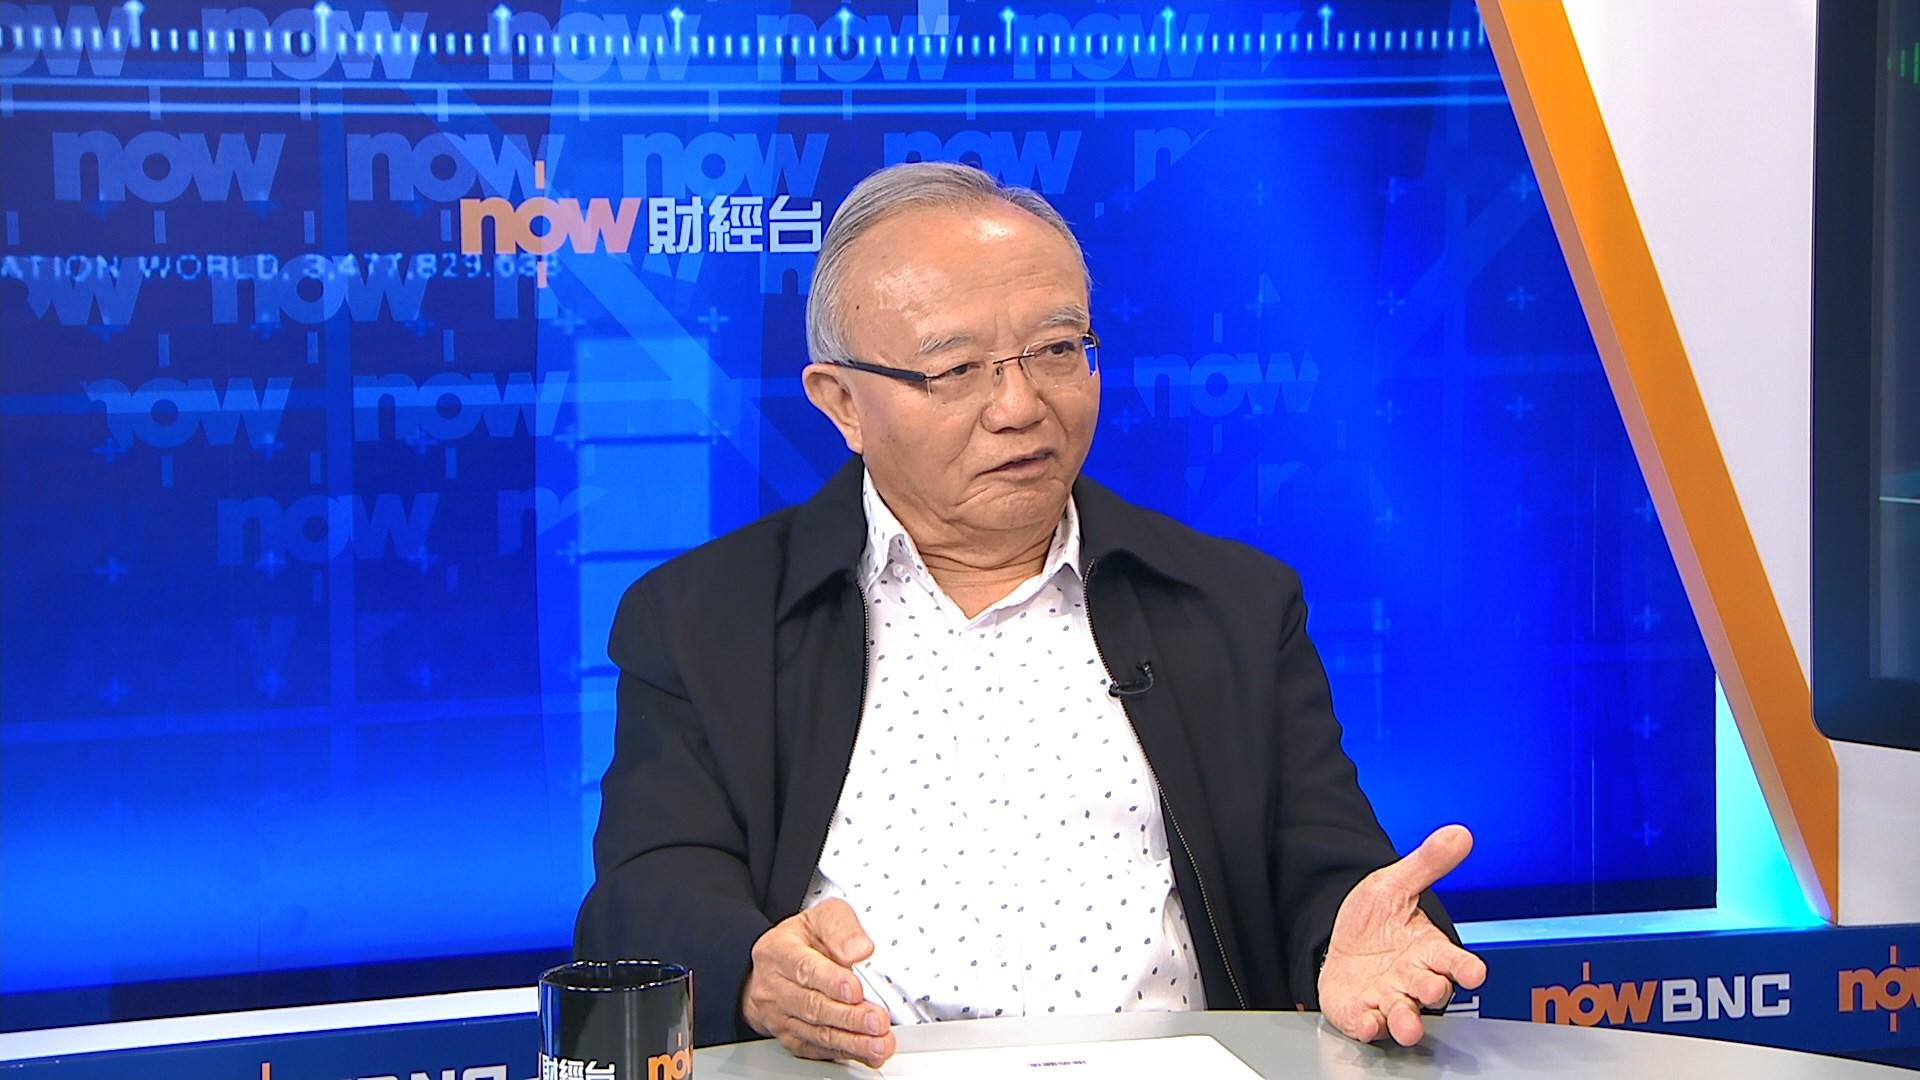 劉兆佳:佔中裁決無觸發抗爭是「反高潮」